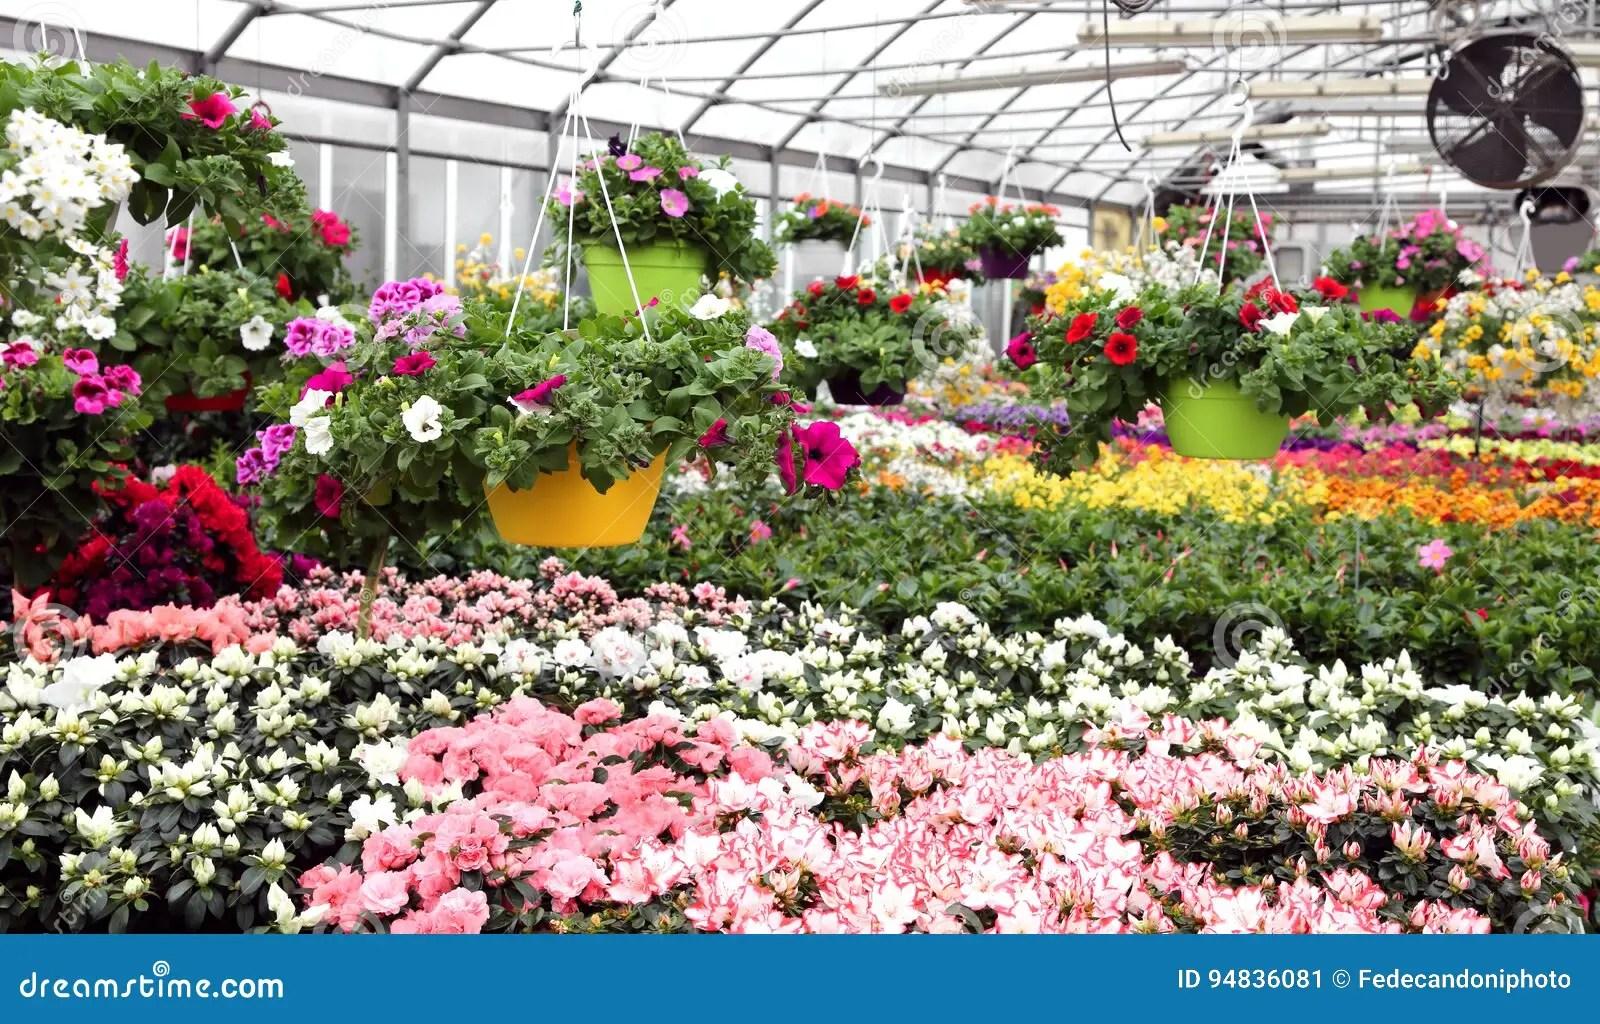 grande serre chaude avec de belles fleurs et plantes a vendre dans t image stock image du centrales commercial 94836081